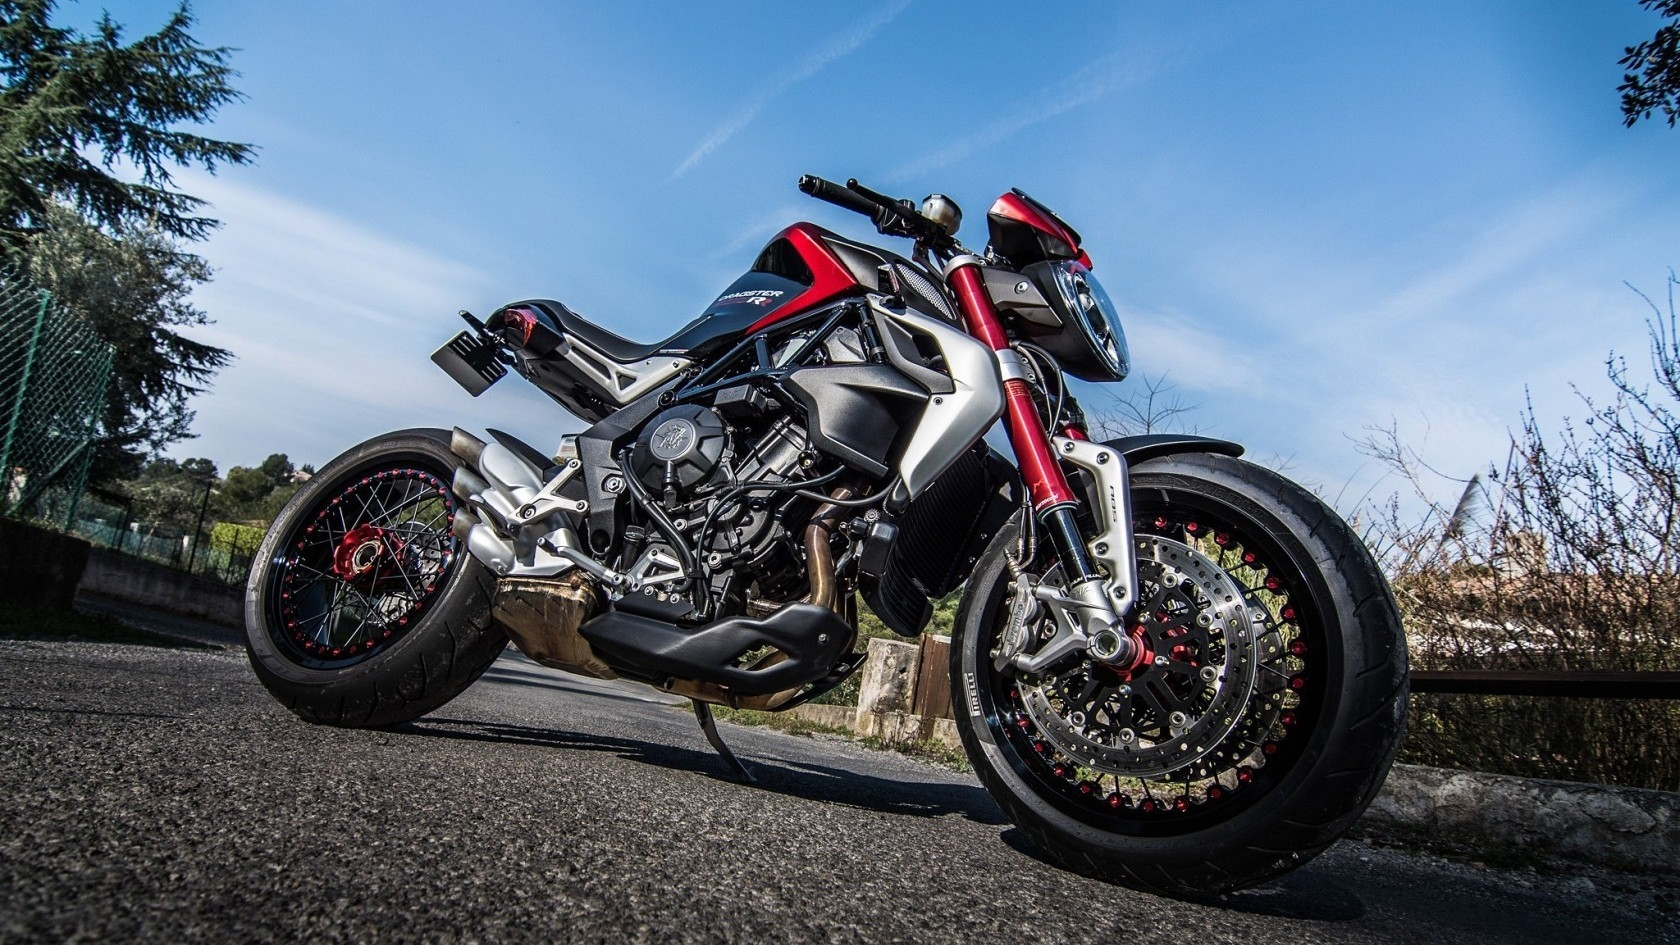 Luxury Motorcycle Hd Wallpapers: Honda Sport Motorcycle Wallpaper